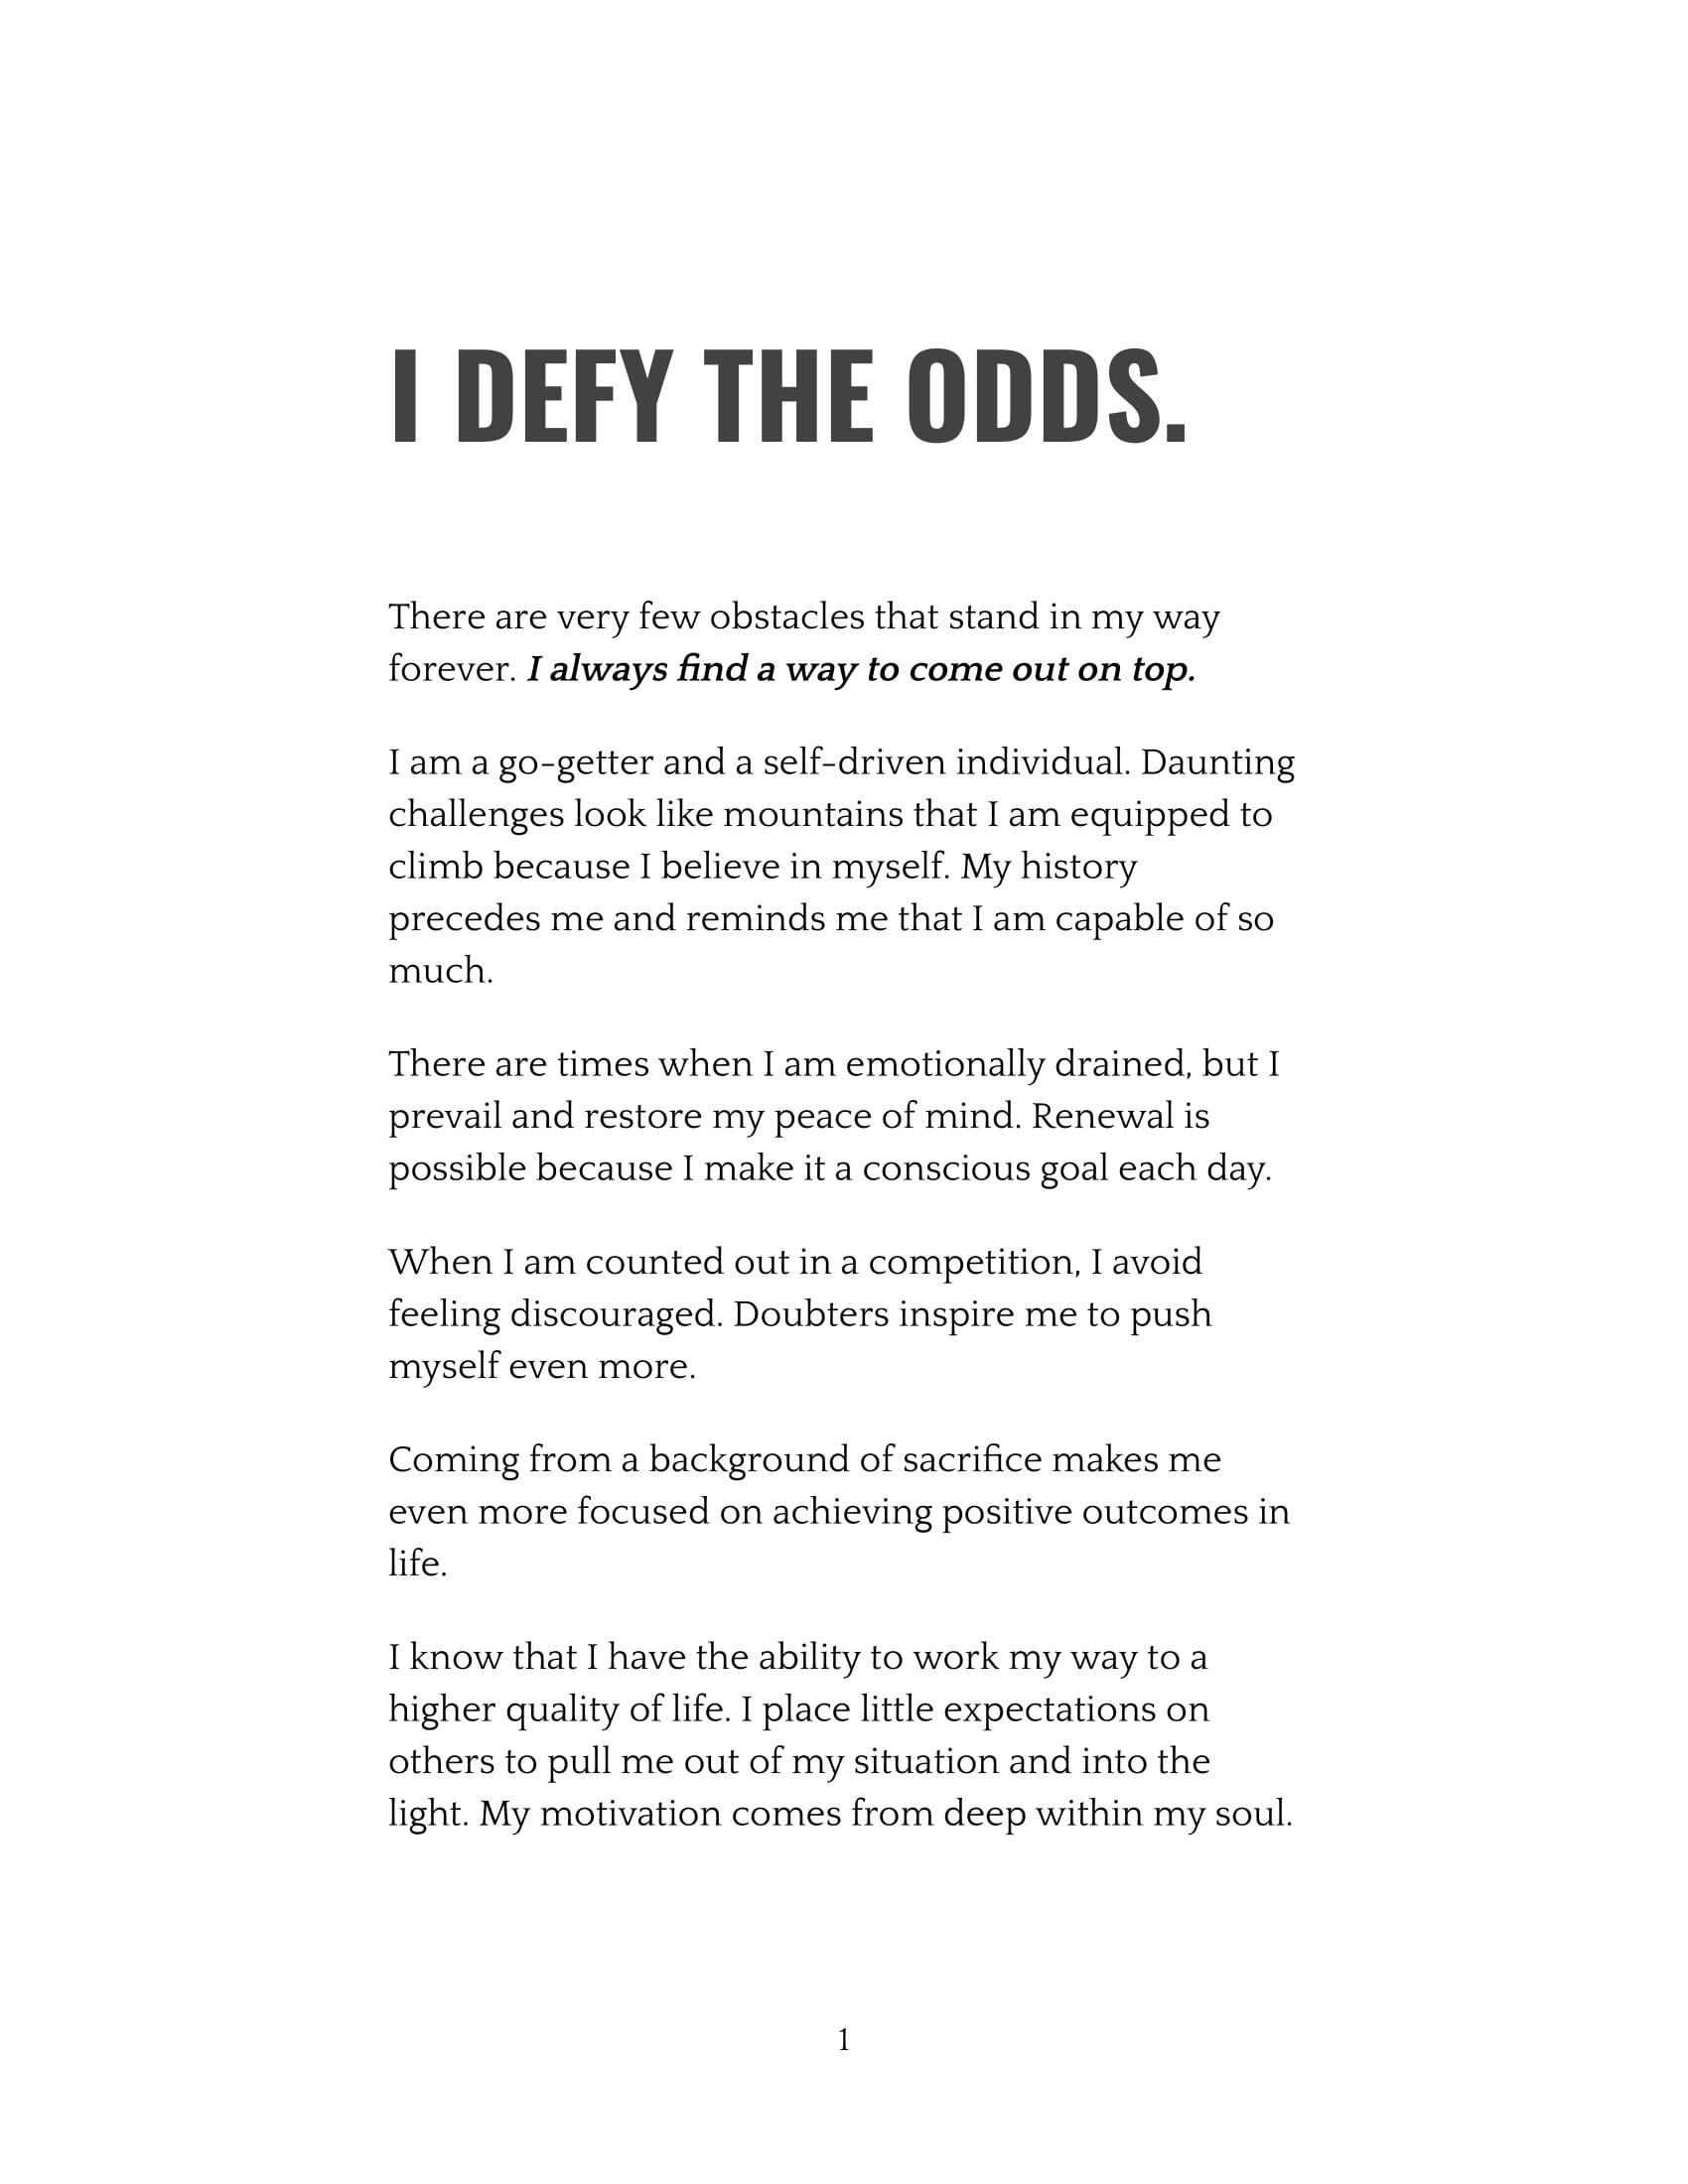 I Defy The Odds-1.jpg